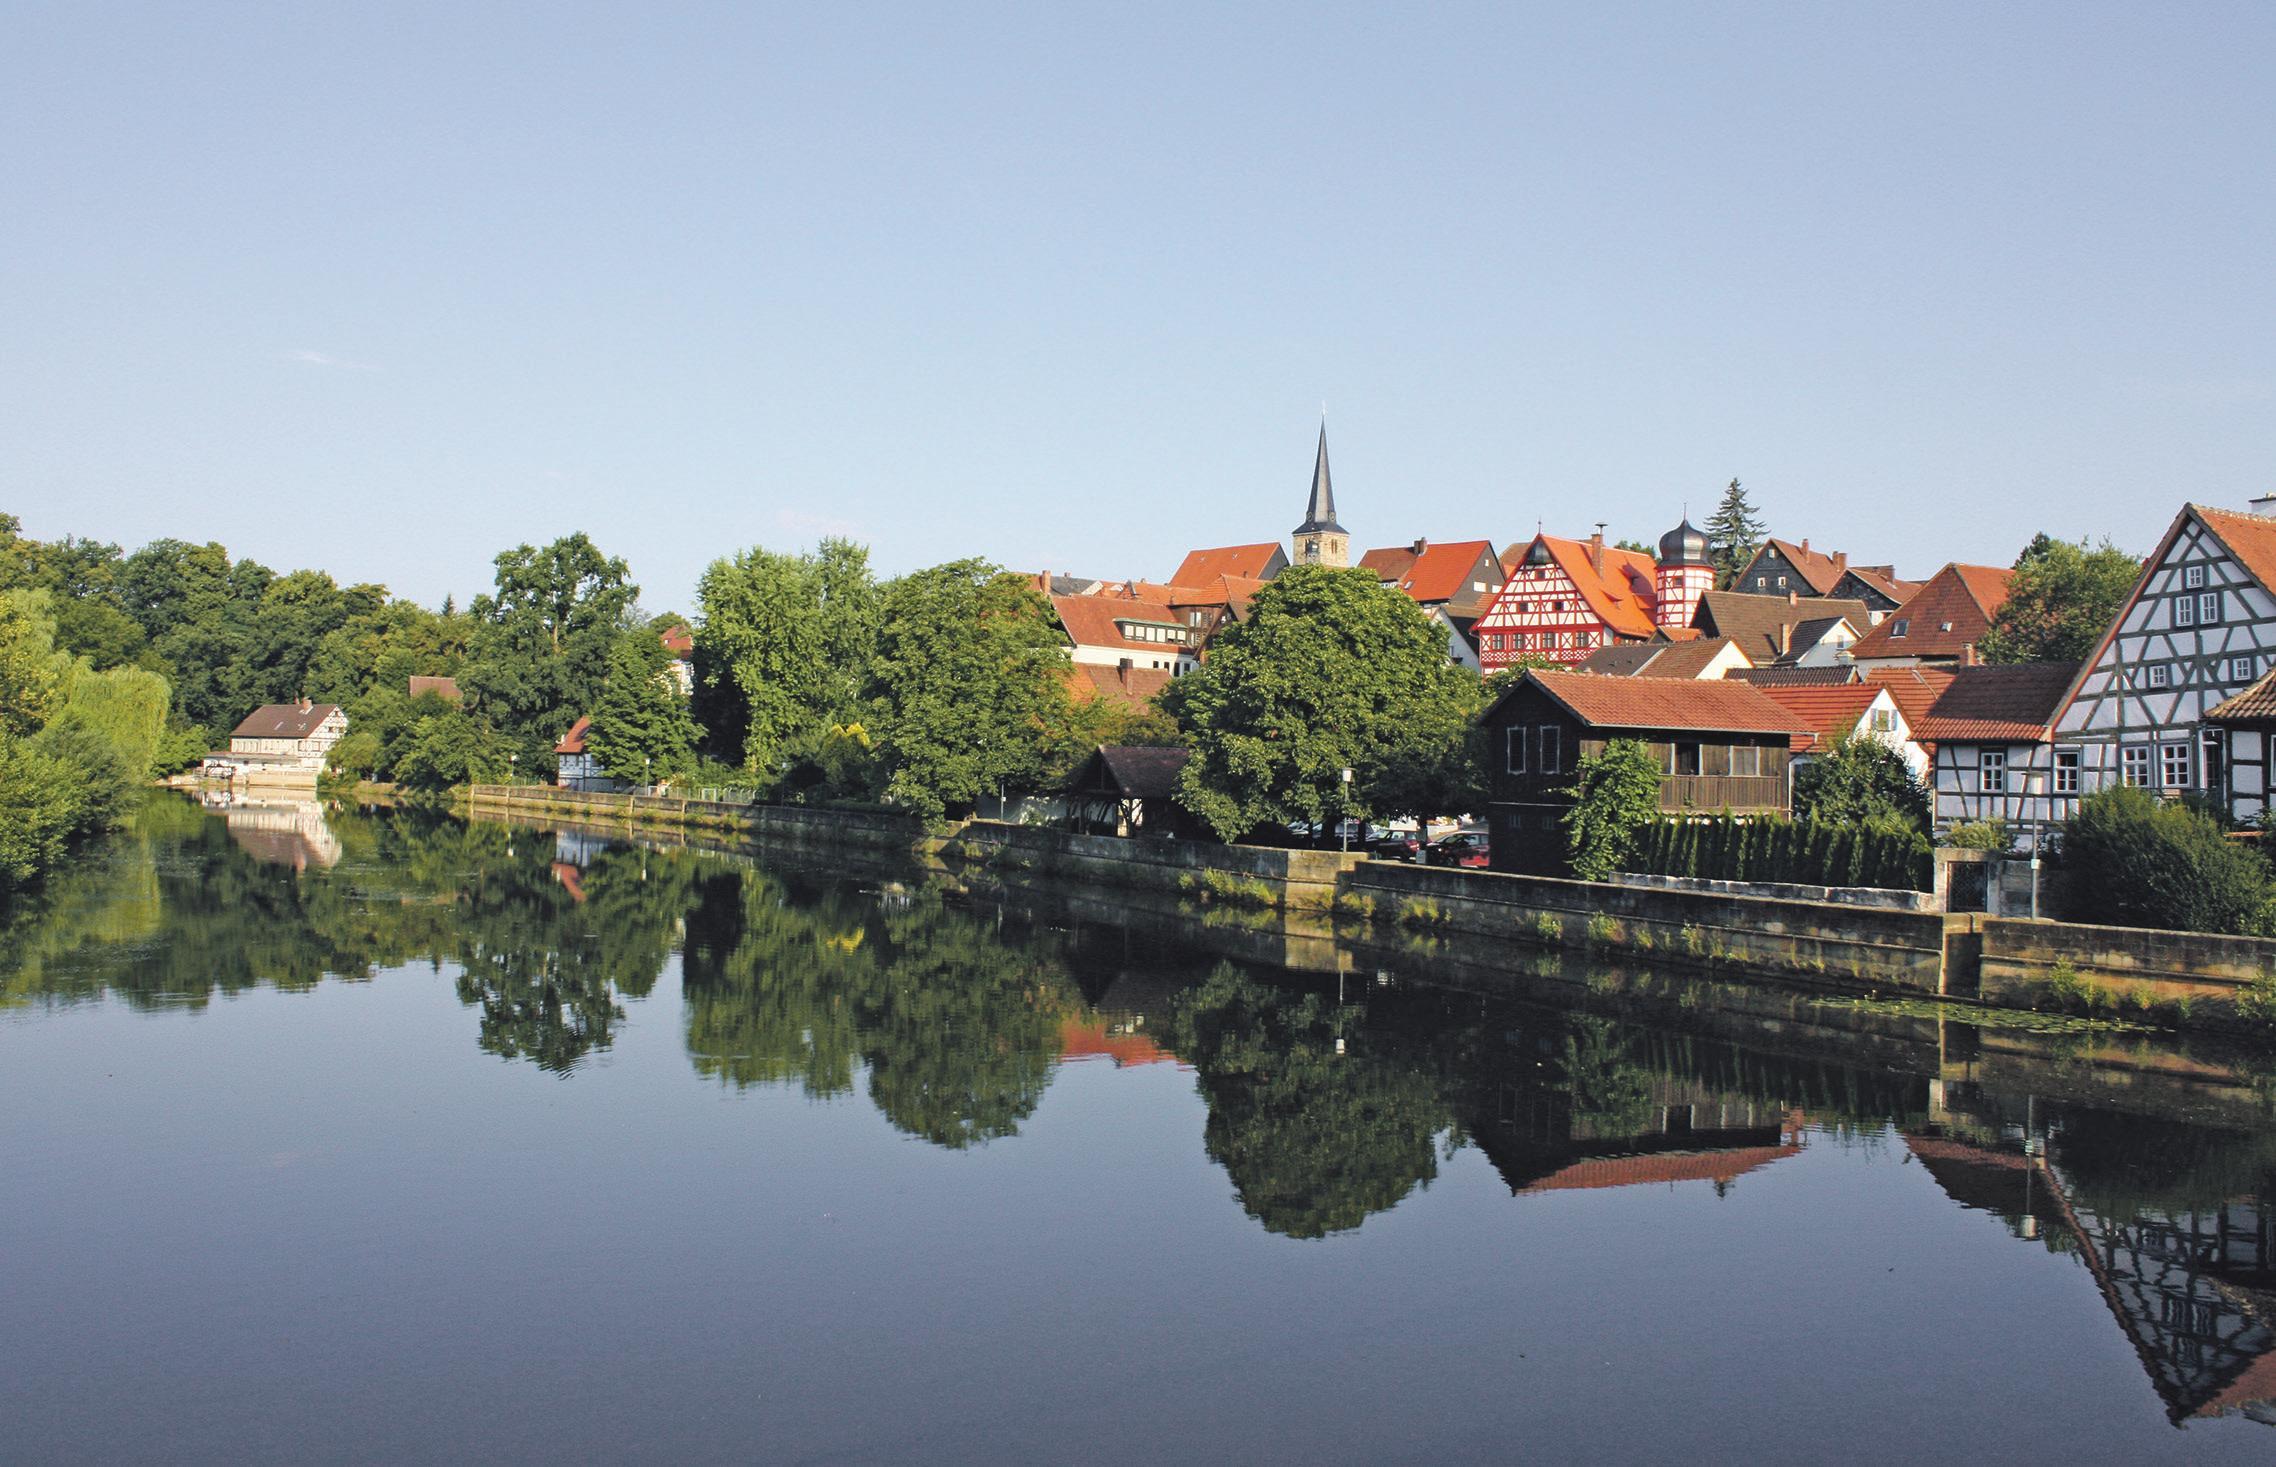 Blick von der Rodach aus auf die Gemeinde. Foto: Markt Marktzeuln